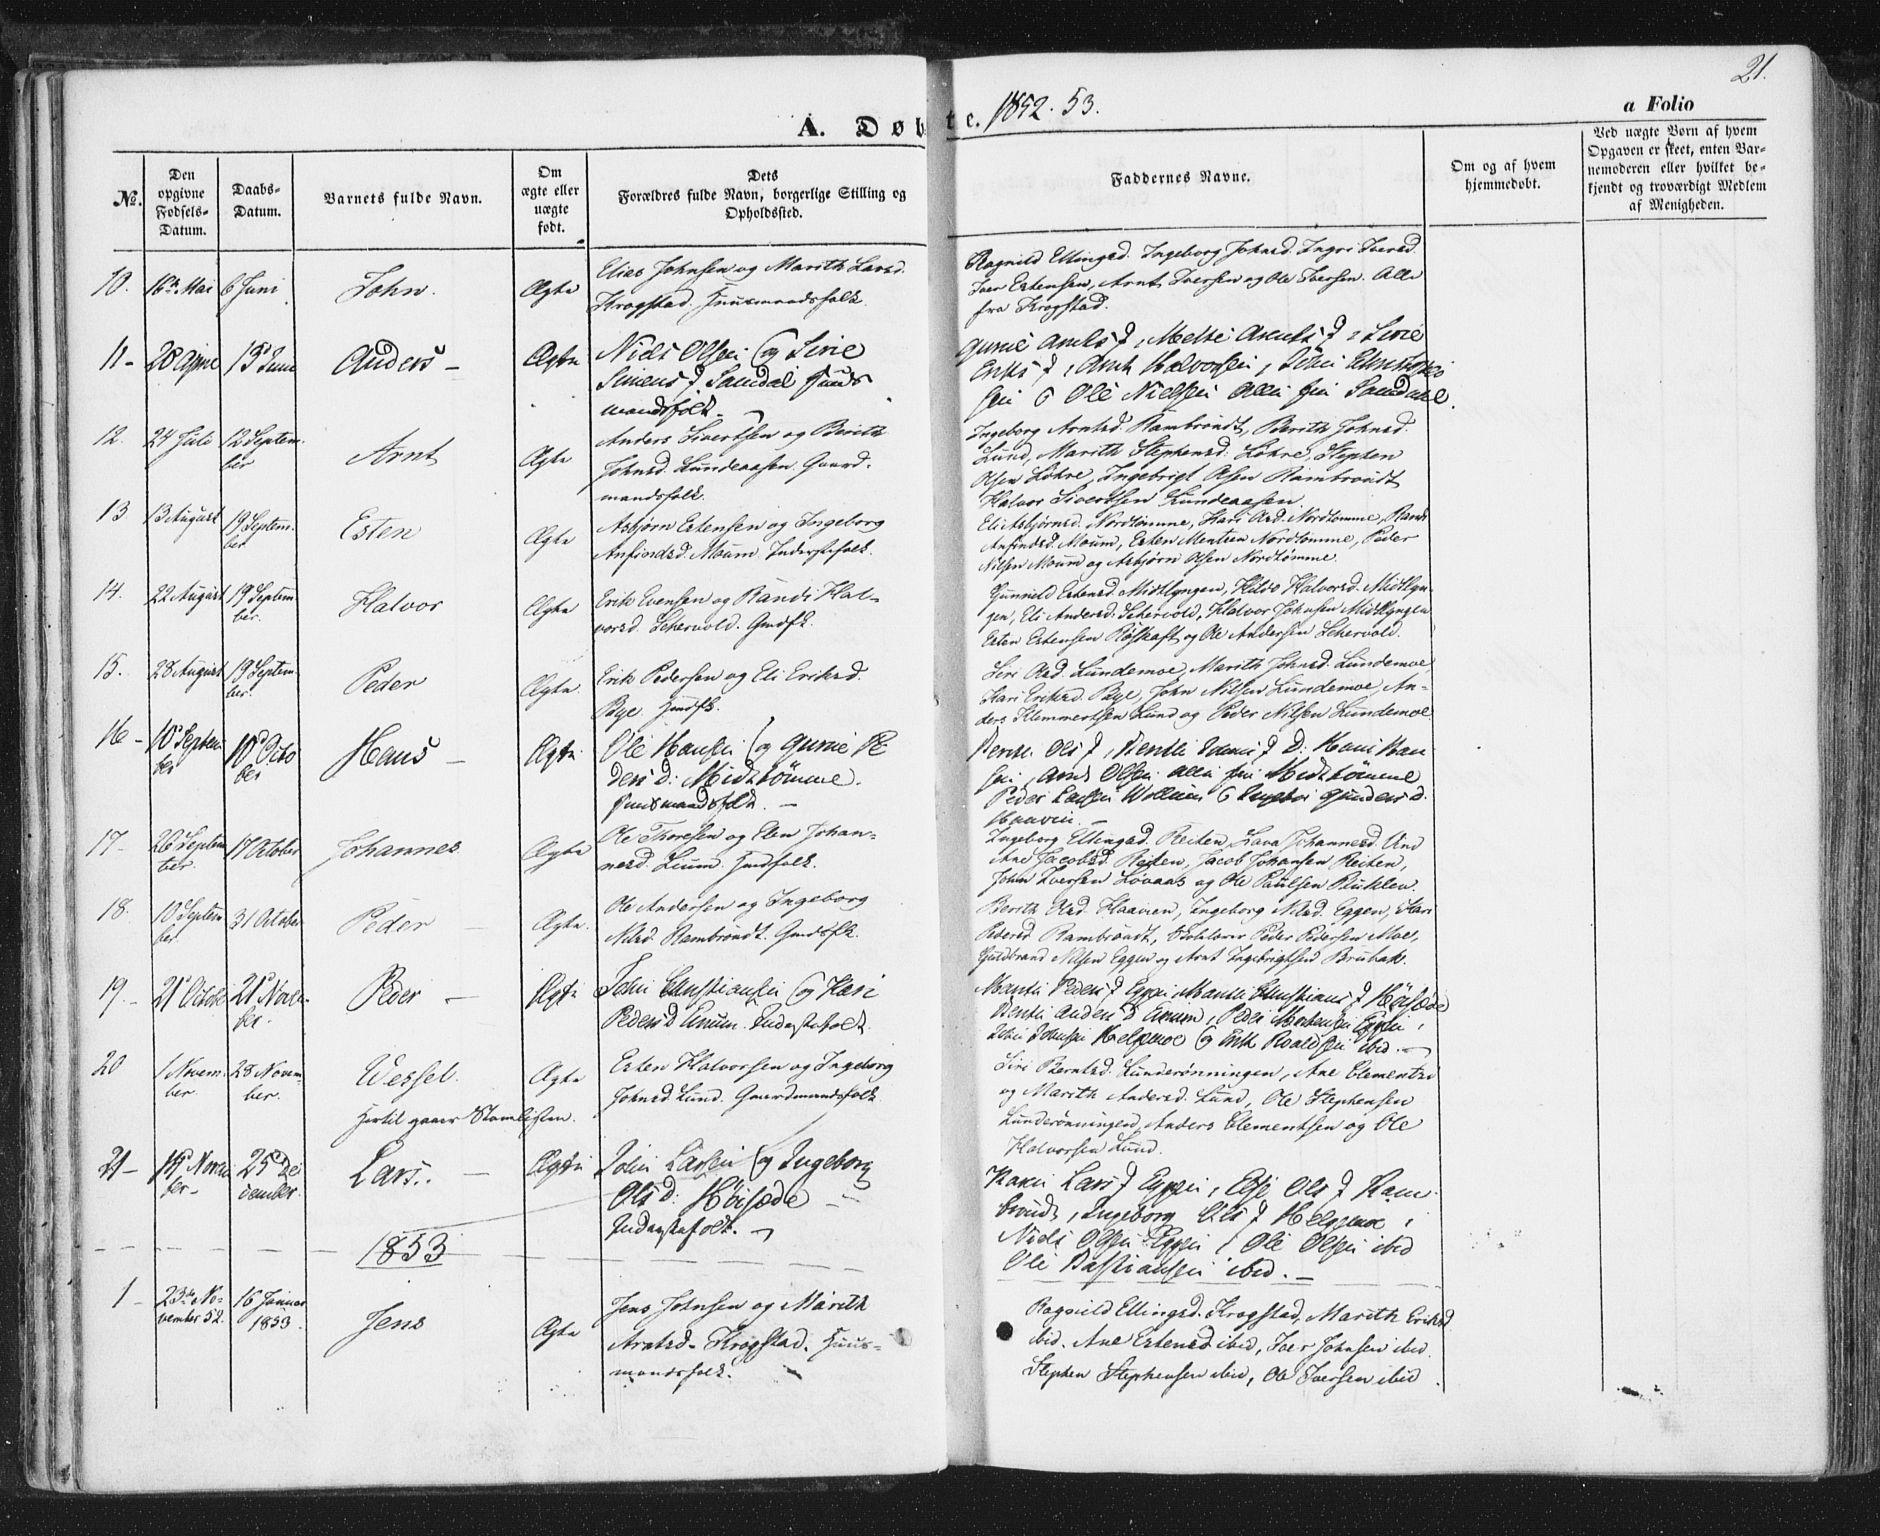 SAT, Ministerialprotokoller, klokkerbøker og fødselsregistre - Sør-Trøndelag, 692/L1103: Ministerialbok nr. 692A03, 1849-1870, s. 21